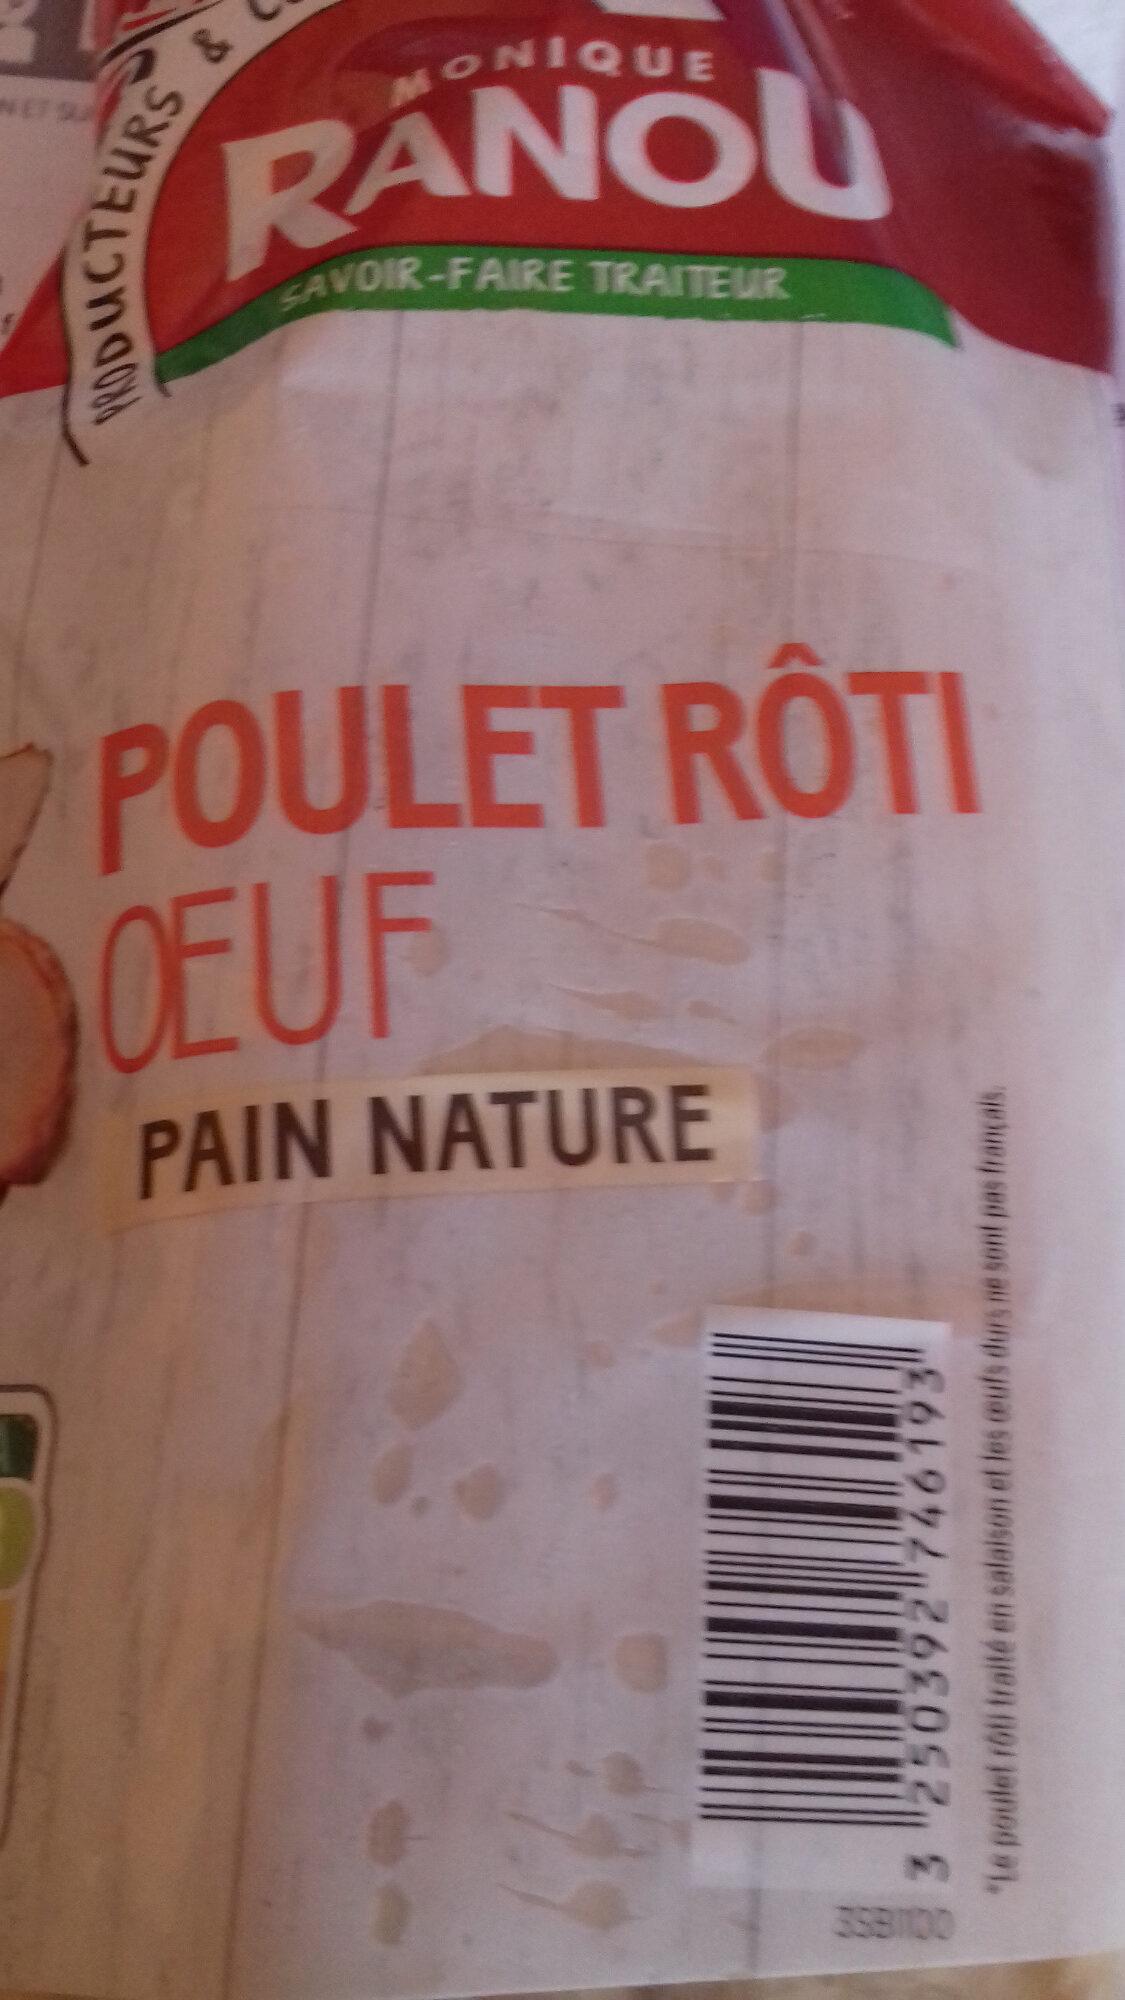 Sandwich poulet rôti oeuf pain nature  Monique Ranou - Produit - fr